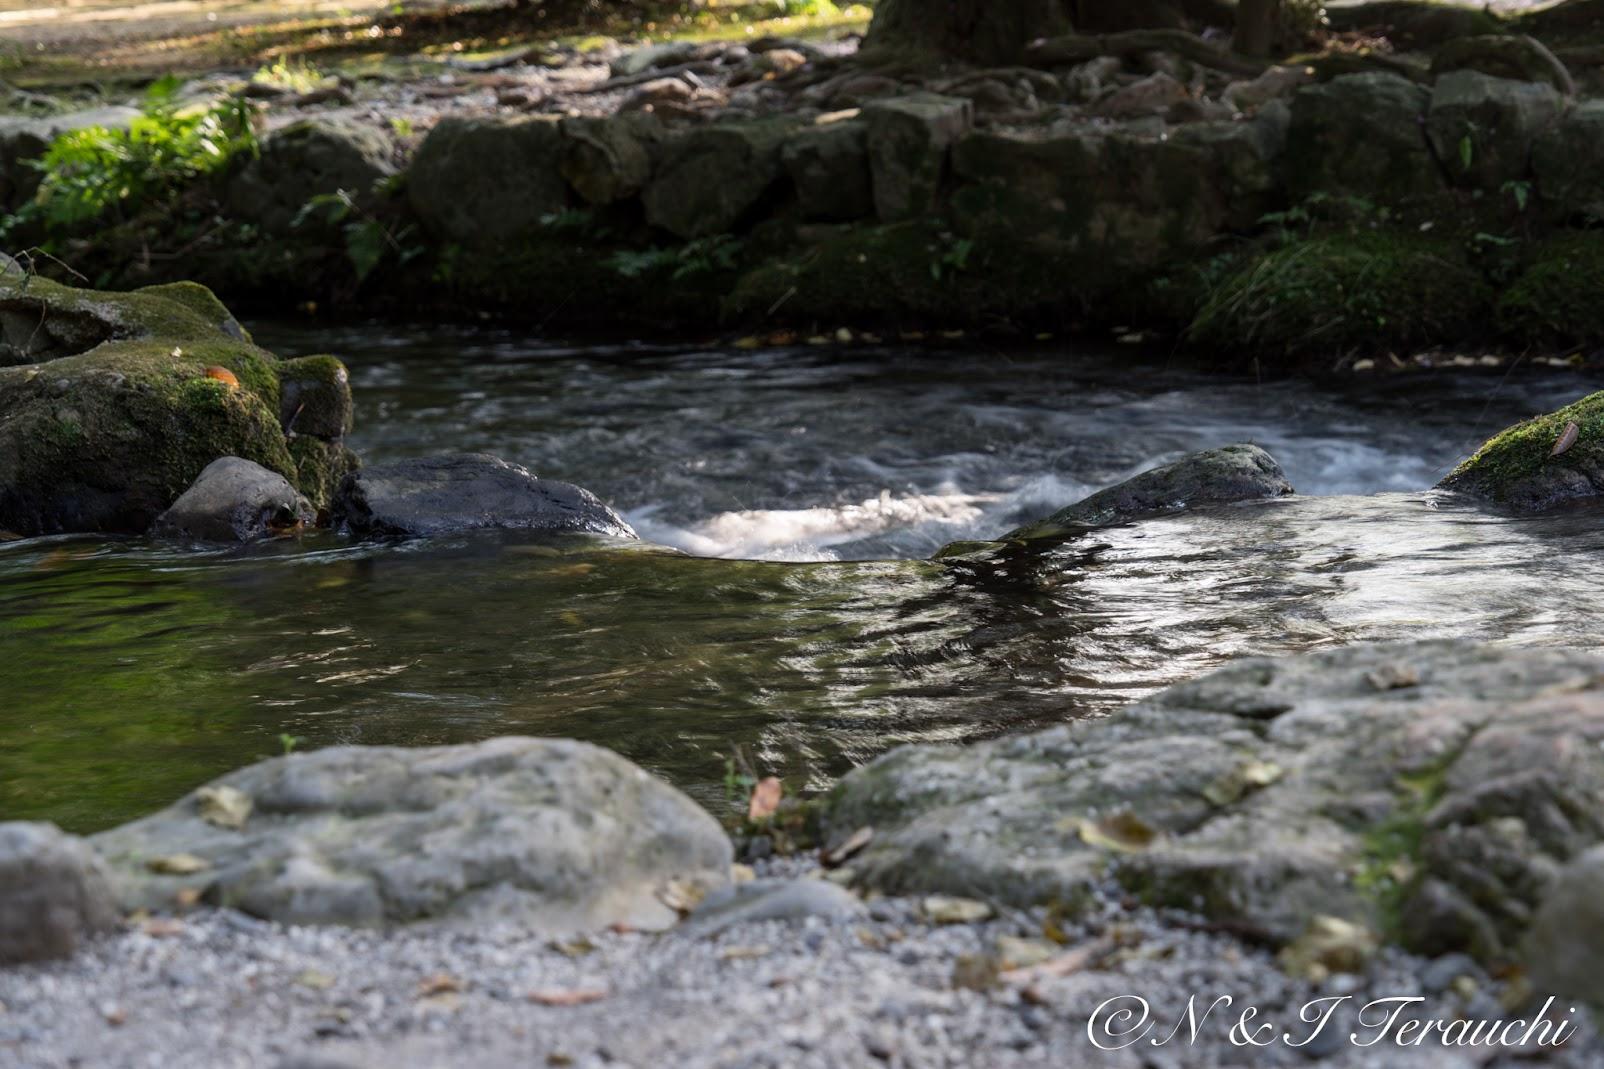 神聖なる清流がさざめく小川